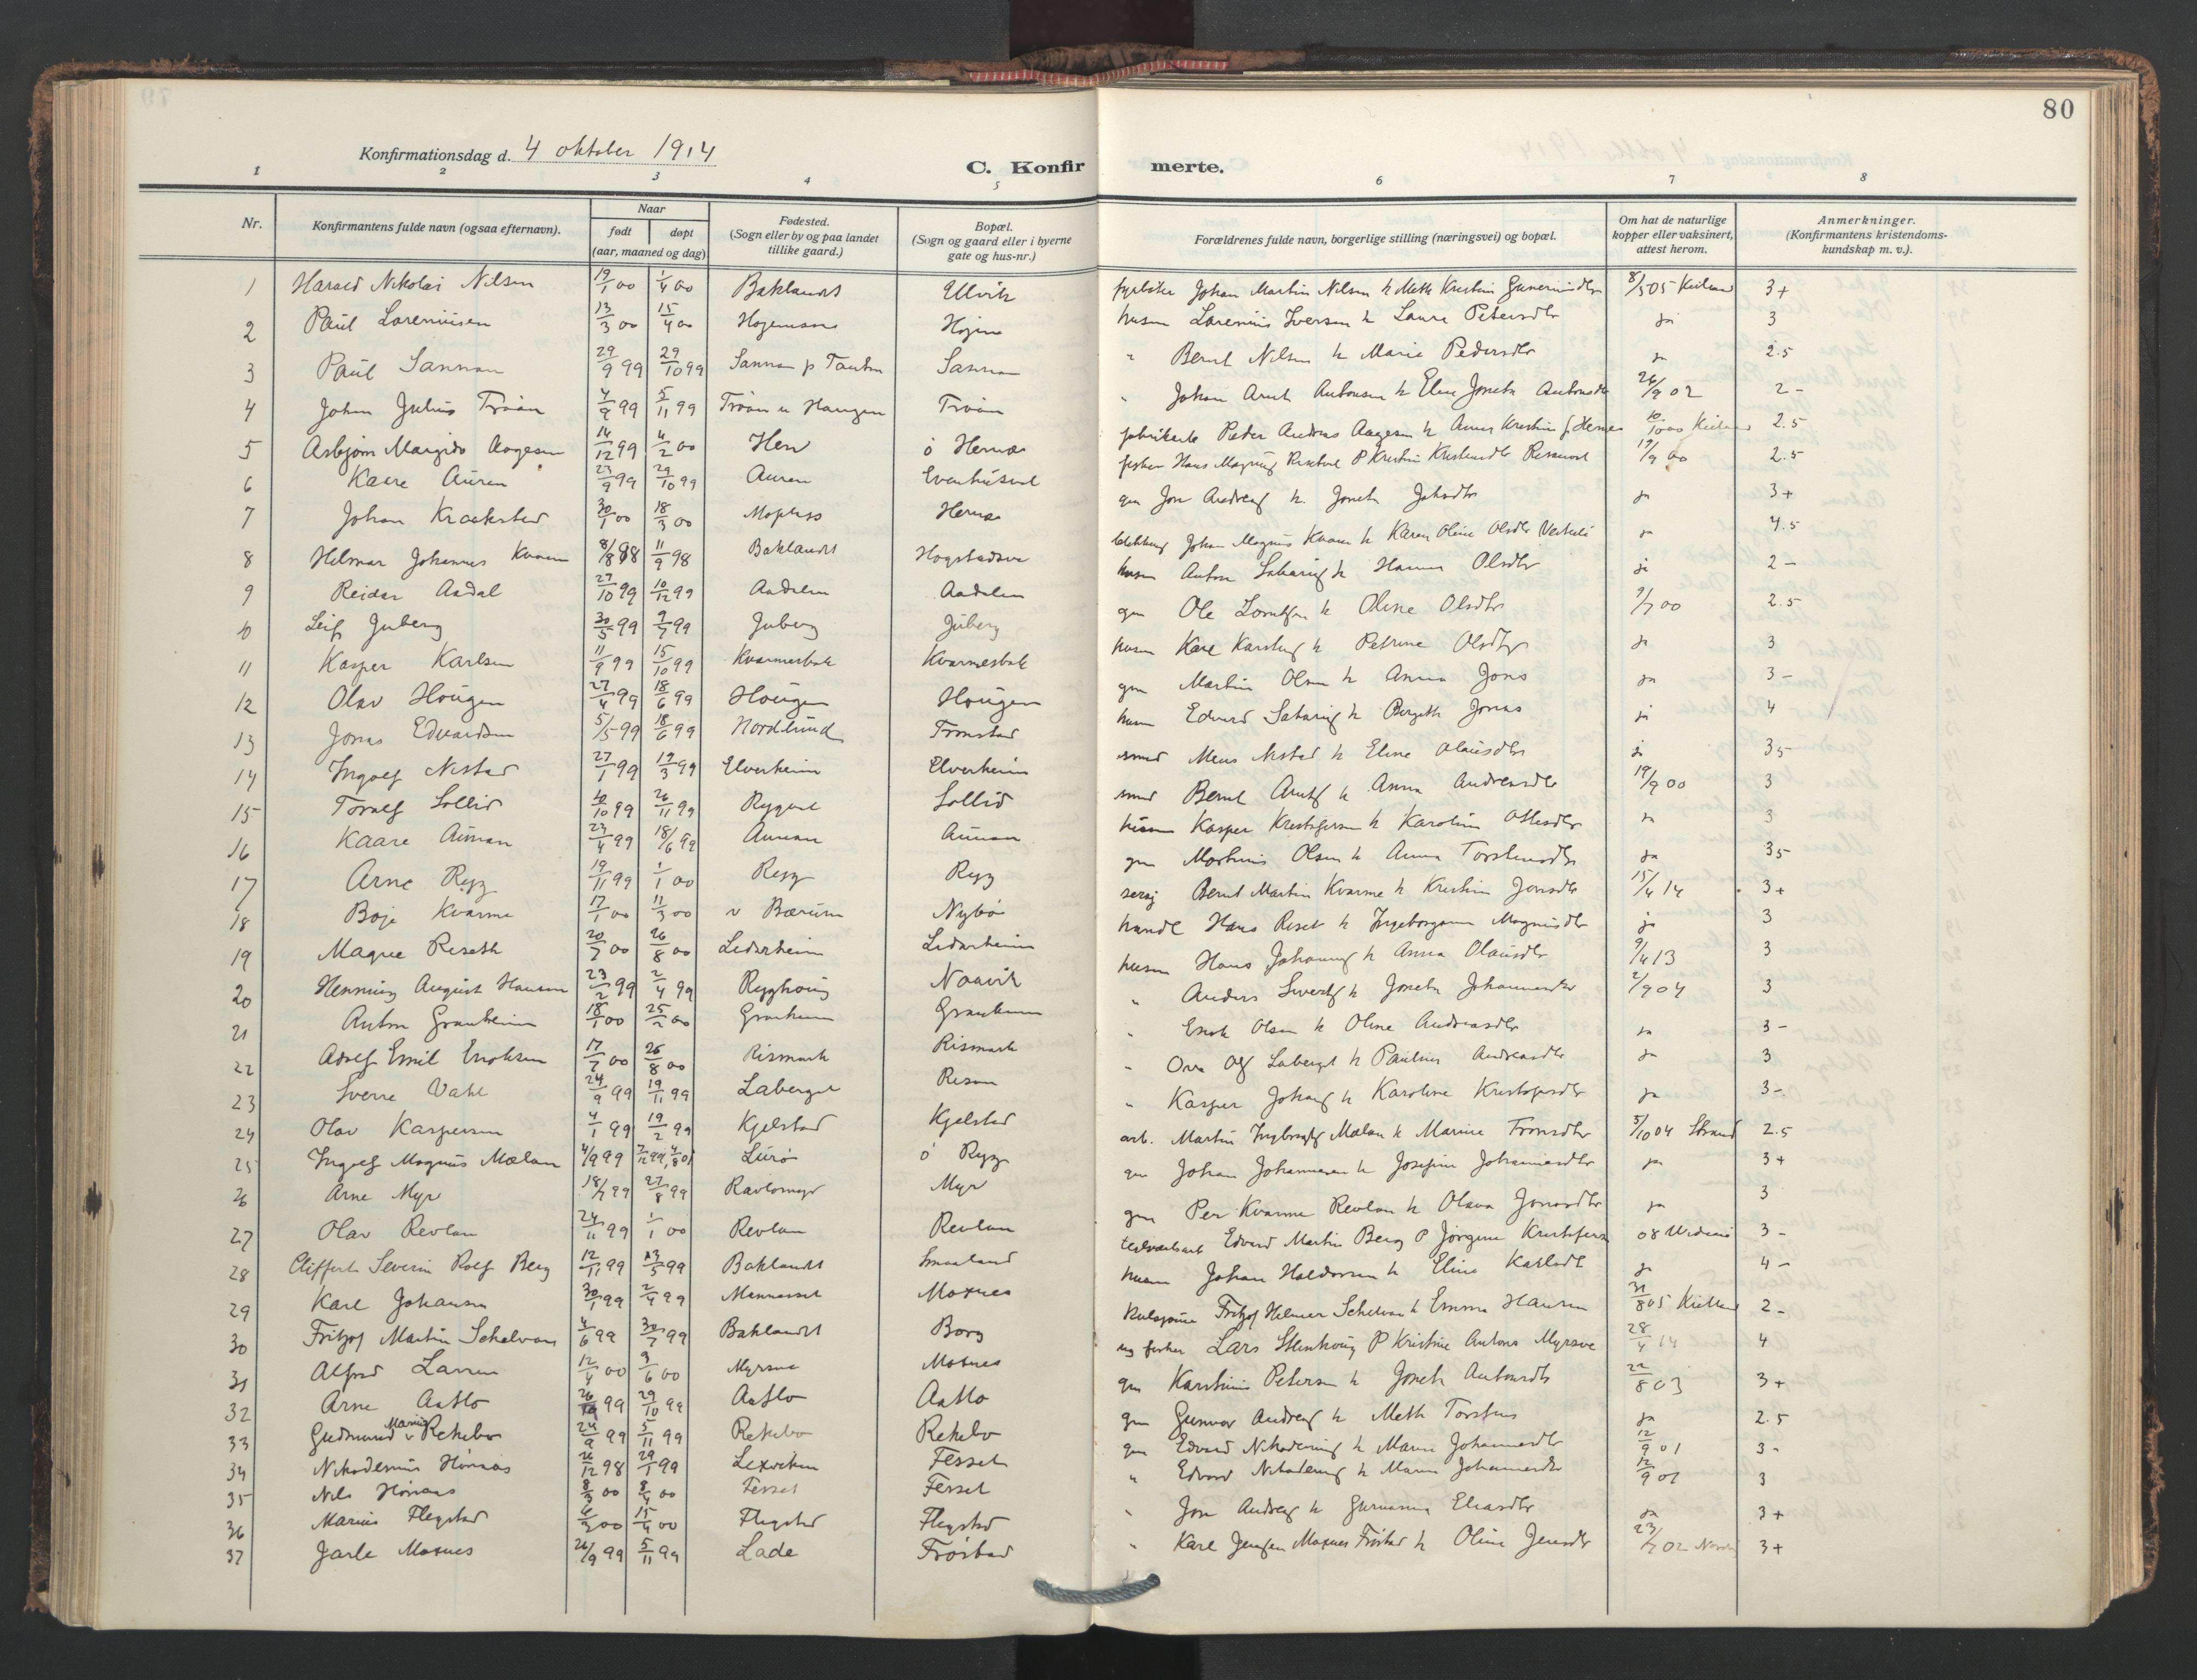 SAT, Ministerialprotokoller, klokkerbøker og fødselsregistre - Nord-Trøndelag, 713/L0123: Ministerialbok nr. 713A12, 1911-1925, s. 80